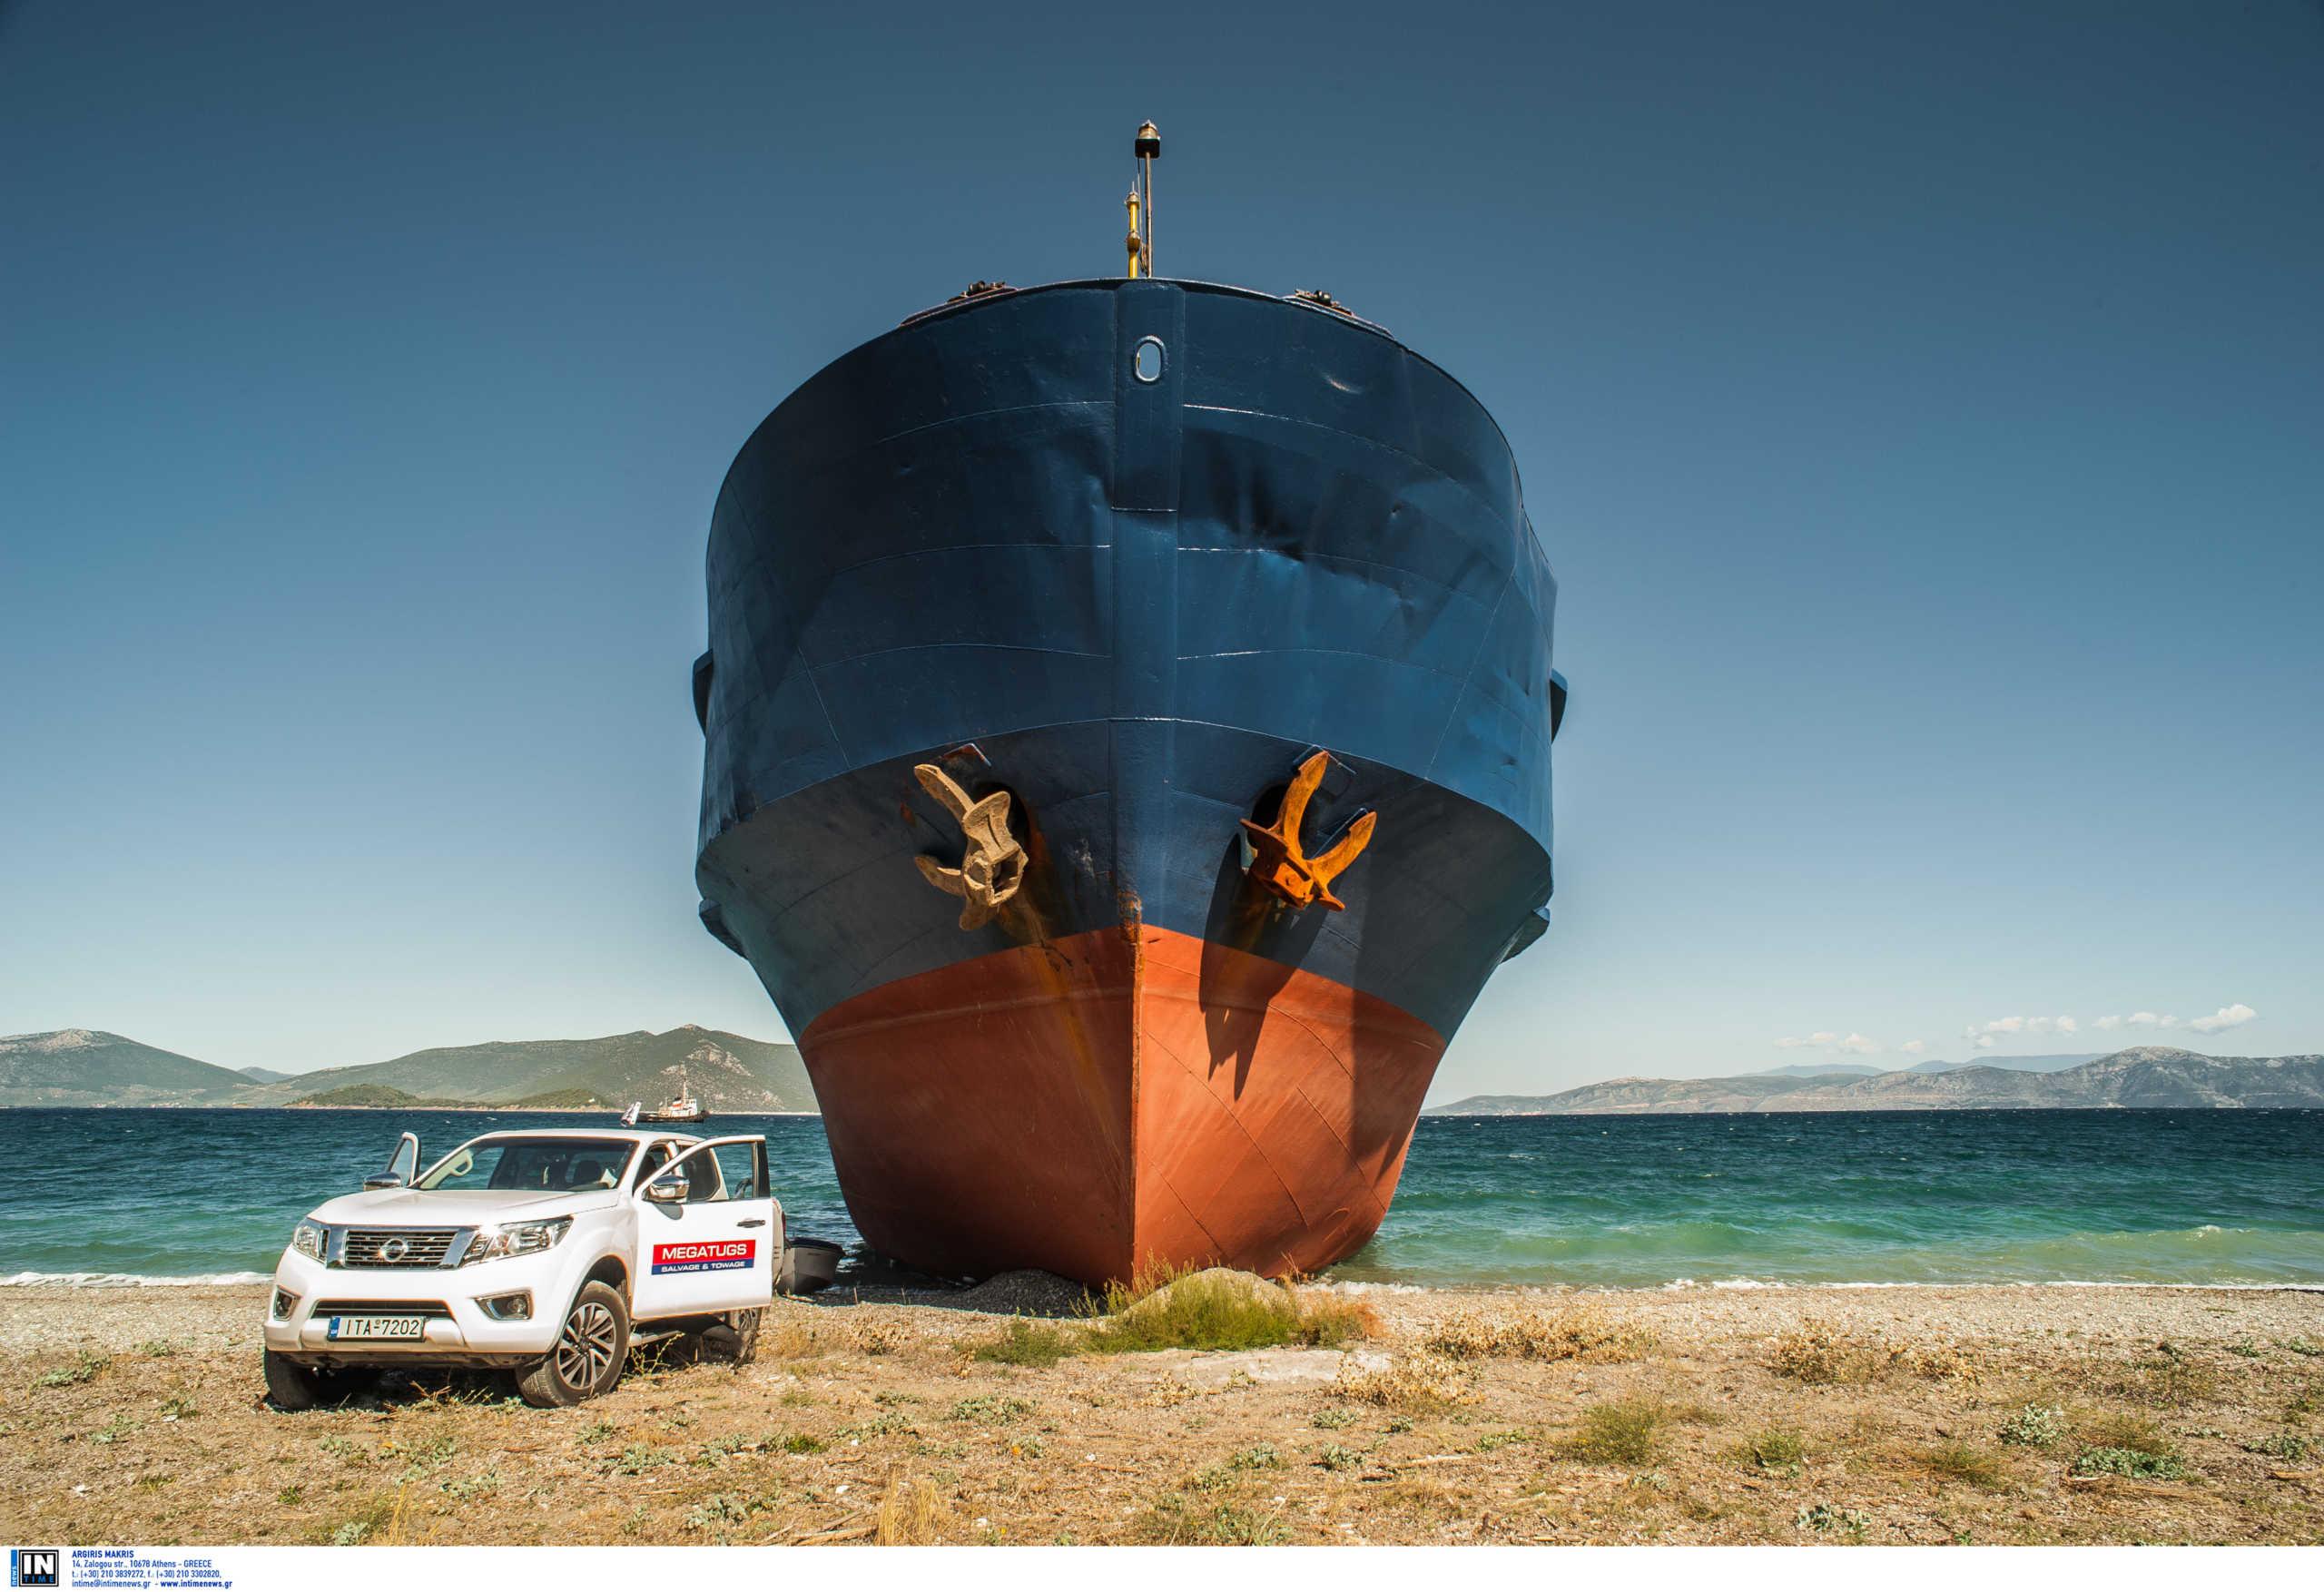 Τήλος: Προσάραξη τουρκικού πλοίου με 13 ναυτικούς! Τι διαπίστωσαν οι λιμενικοί που έσπευσαν στο σημείο